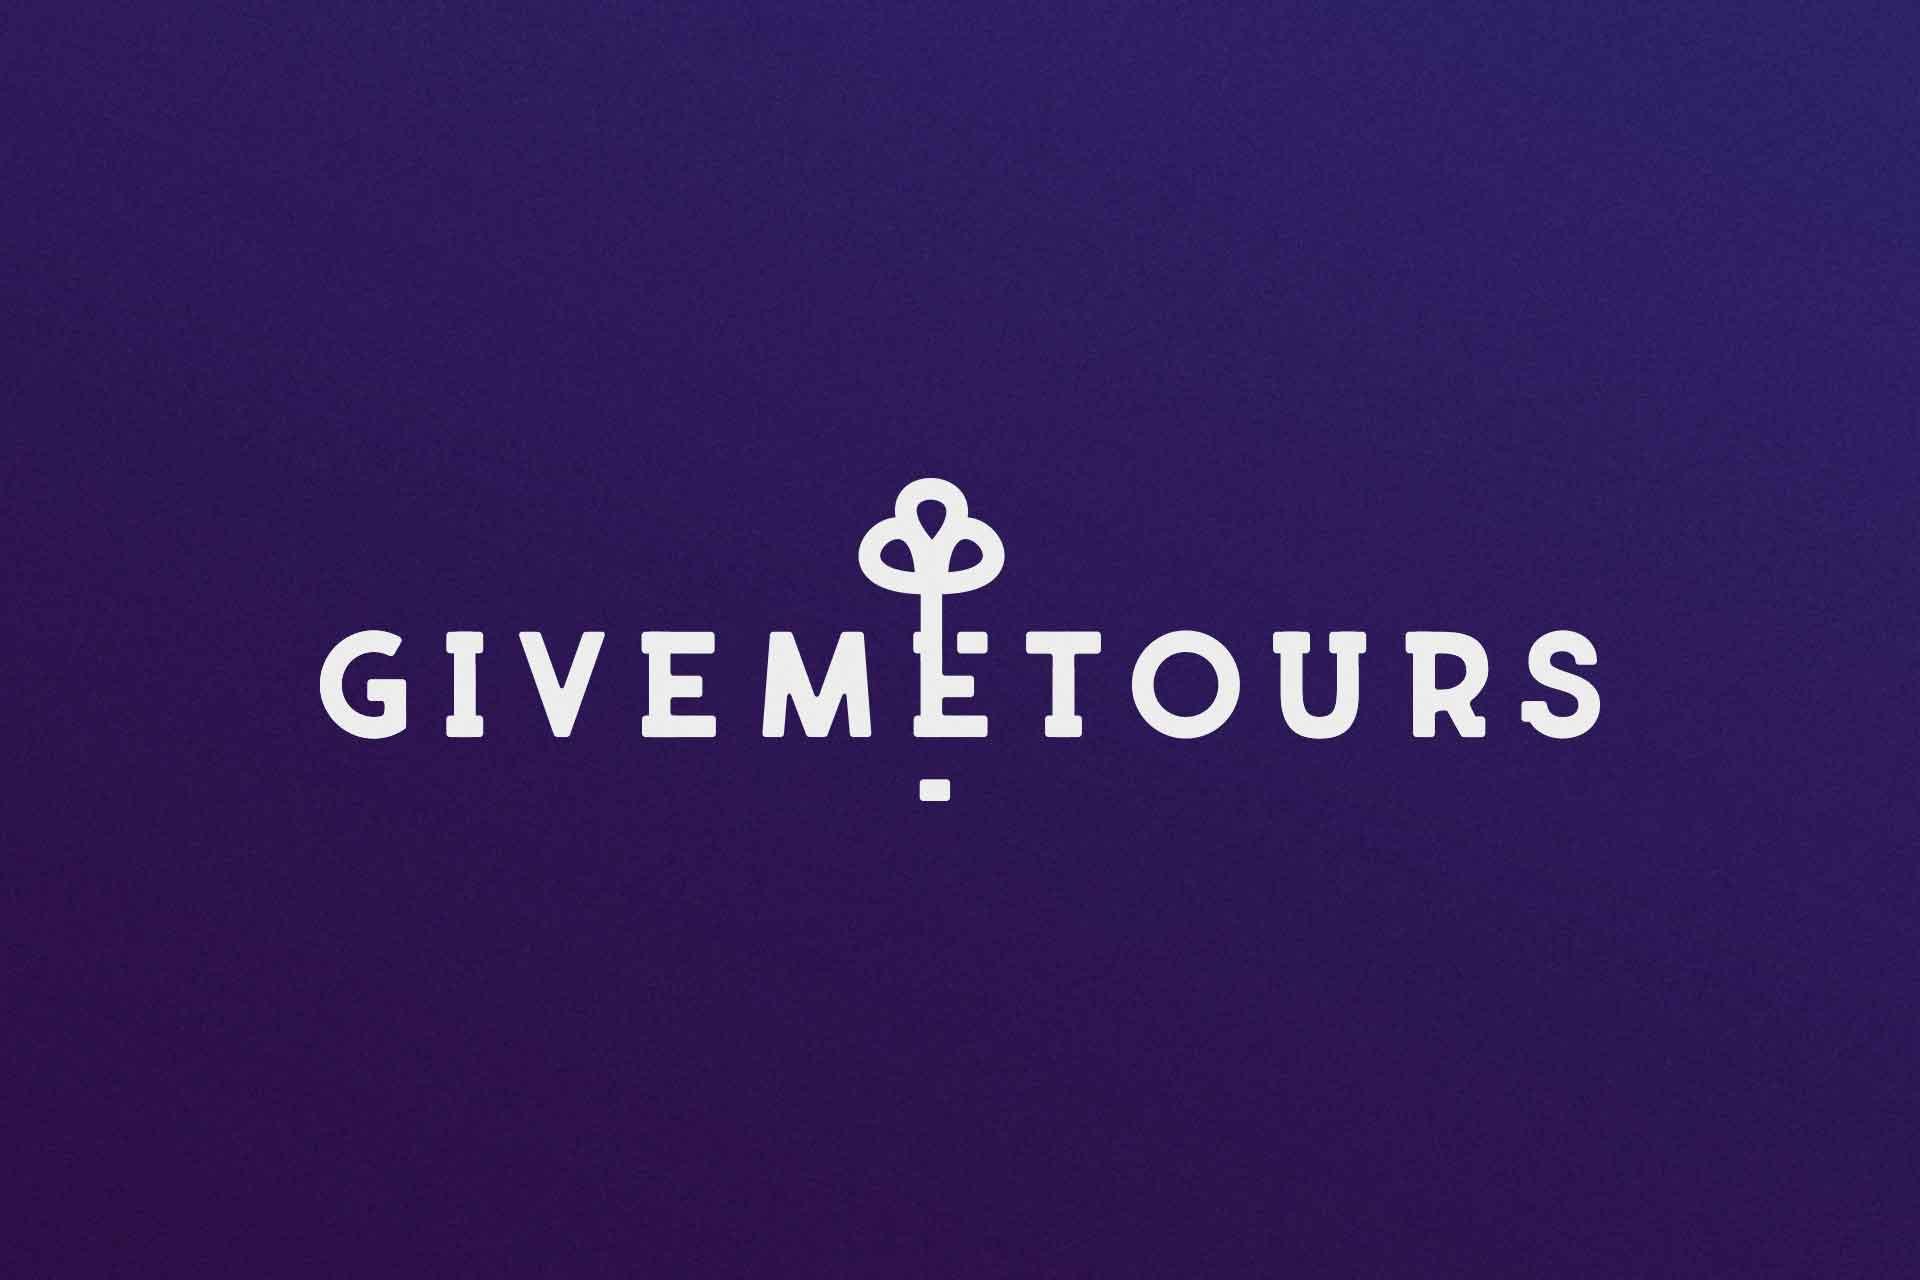 Брендинг для туристической компании GIVEMETOURS